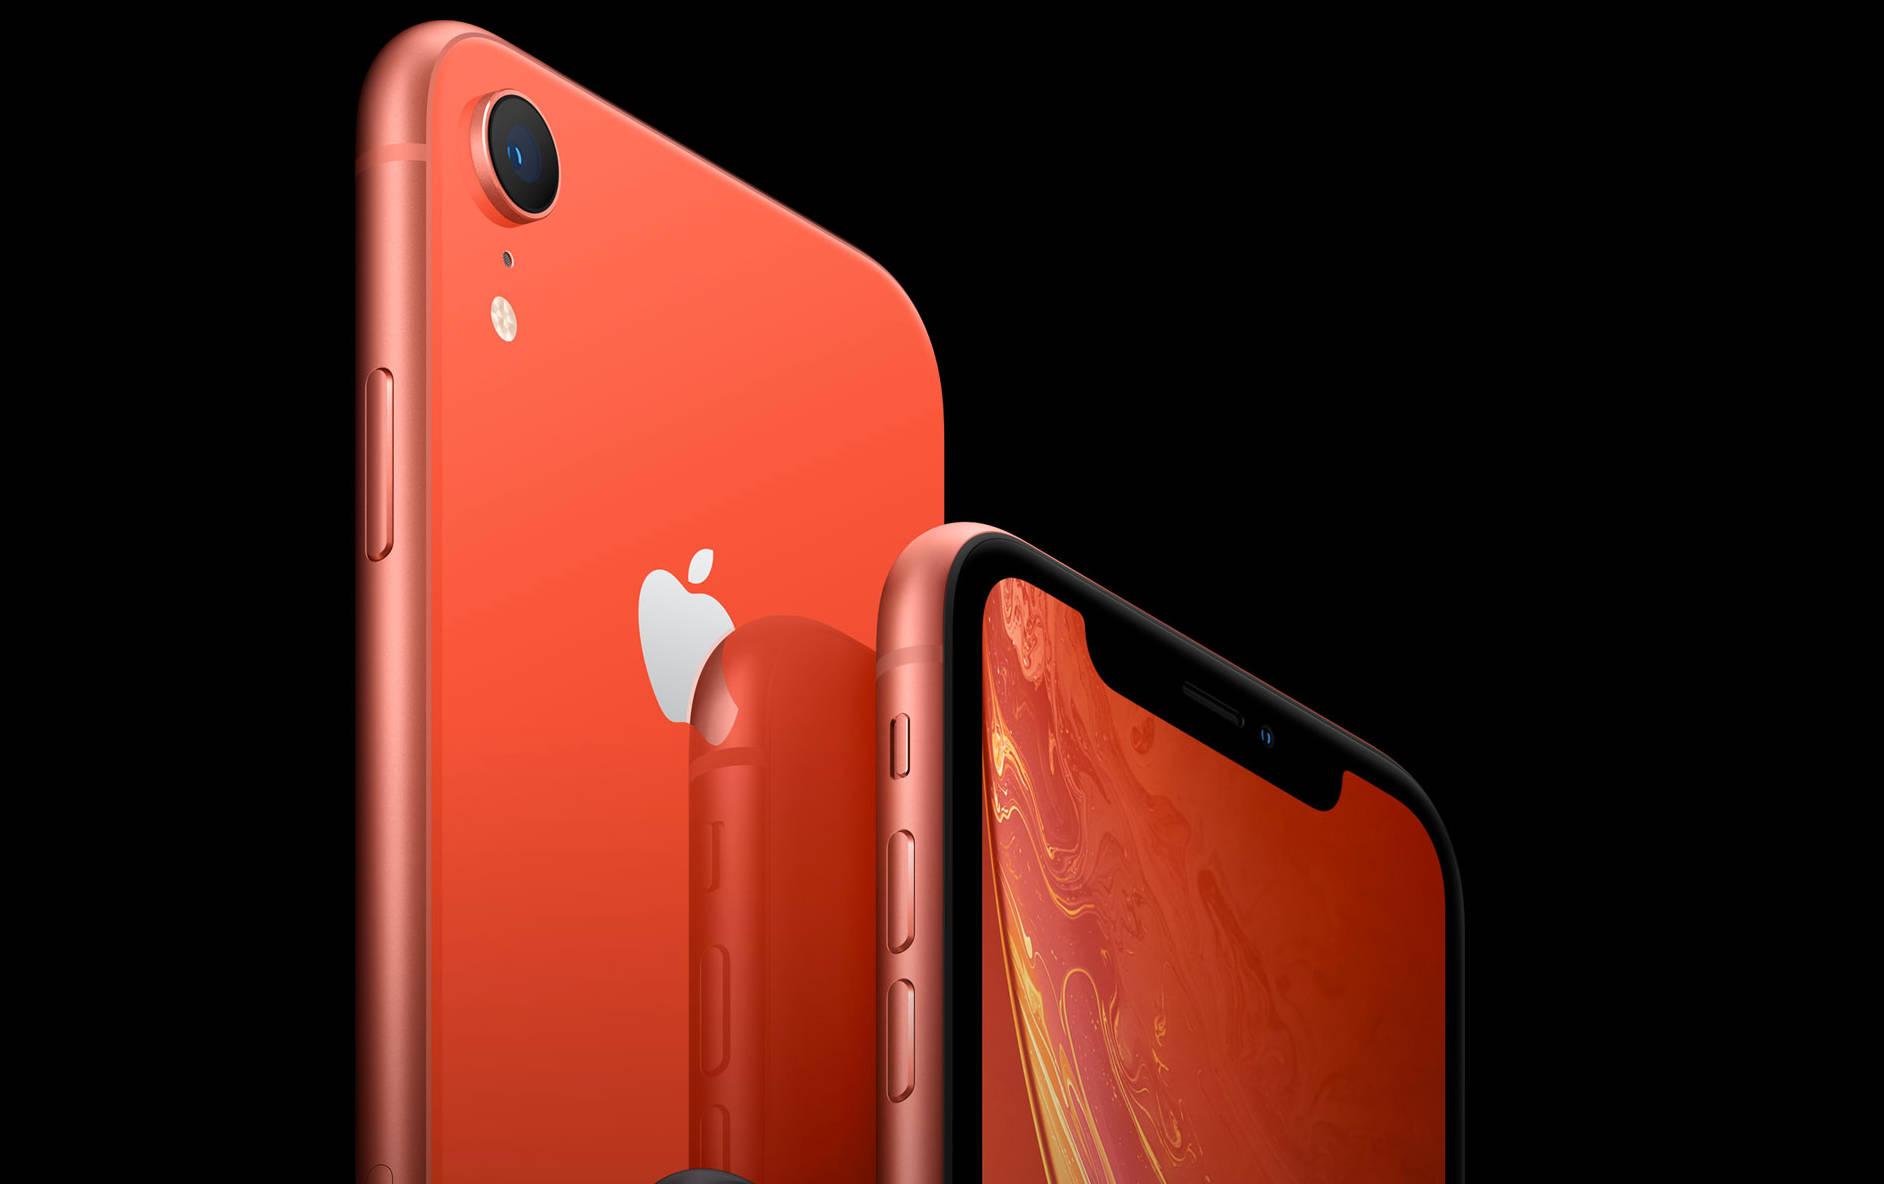 Apple iPhone Xr cena premiera specyfikacja techniczna gdzie kupić w Polsce kiedy opinie